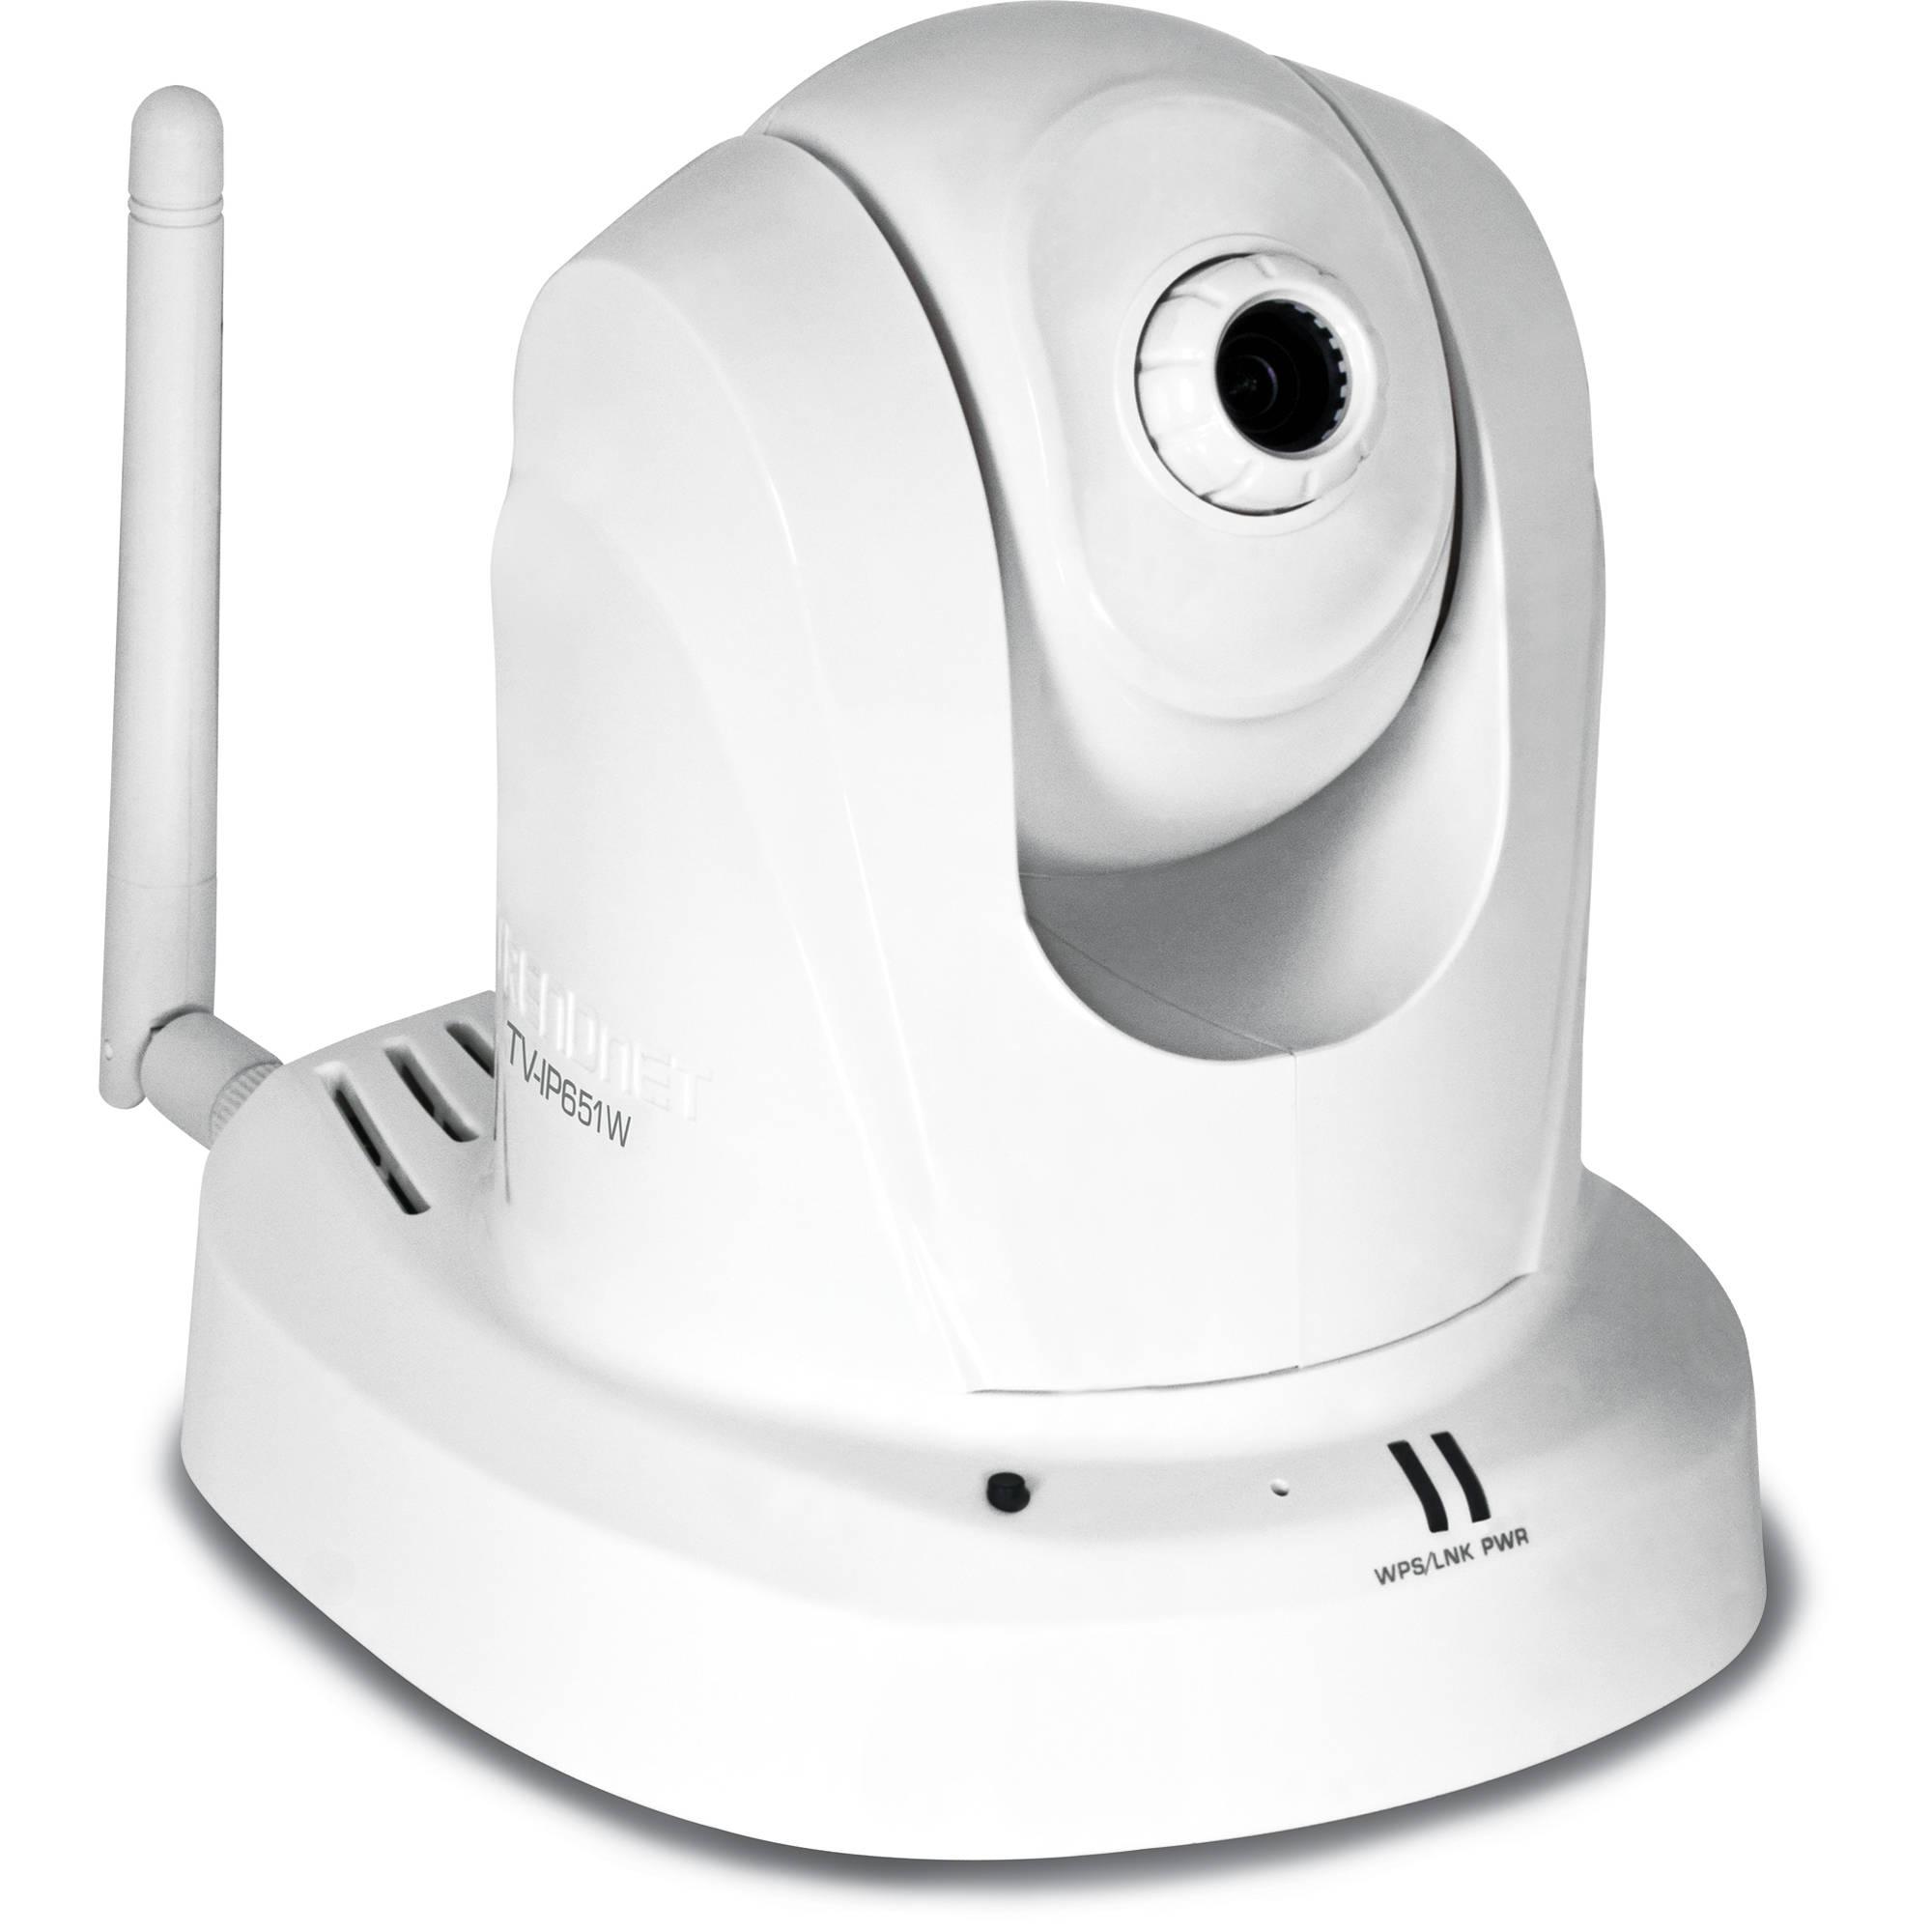 TRENDnet TV-IP651W Wireless N PTZ Internet Indoor TV-IP651W B\u0026H